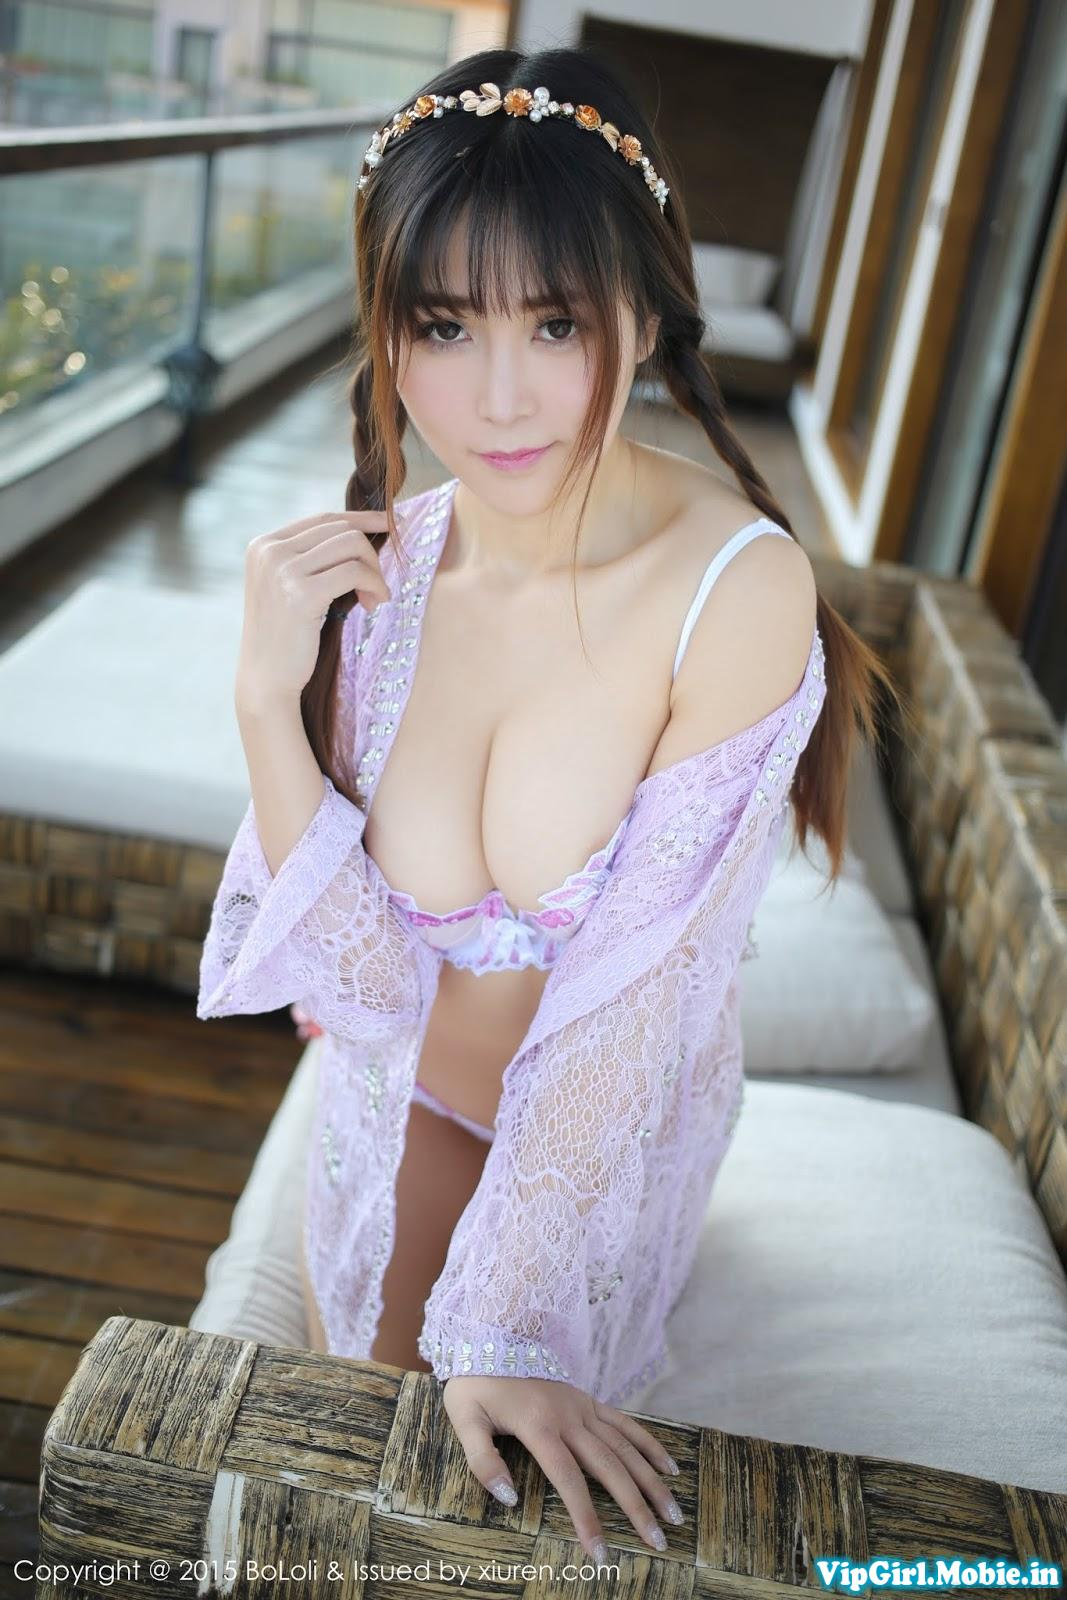 Gái trắng xinh khoe ngực bộ ngực đẫy đà